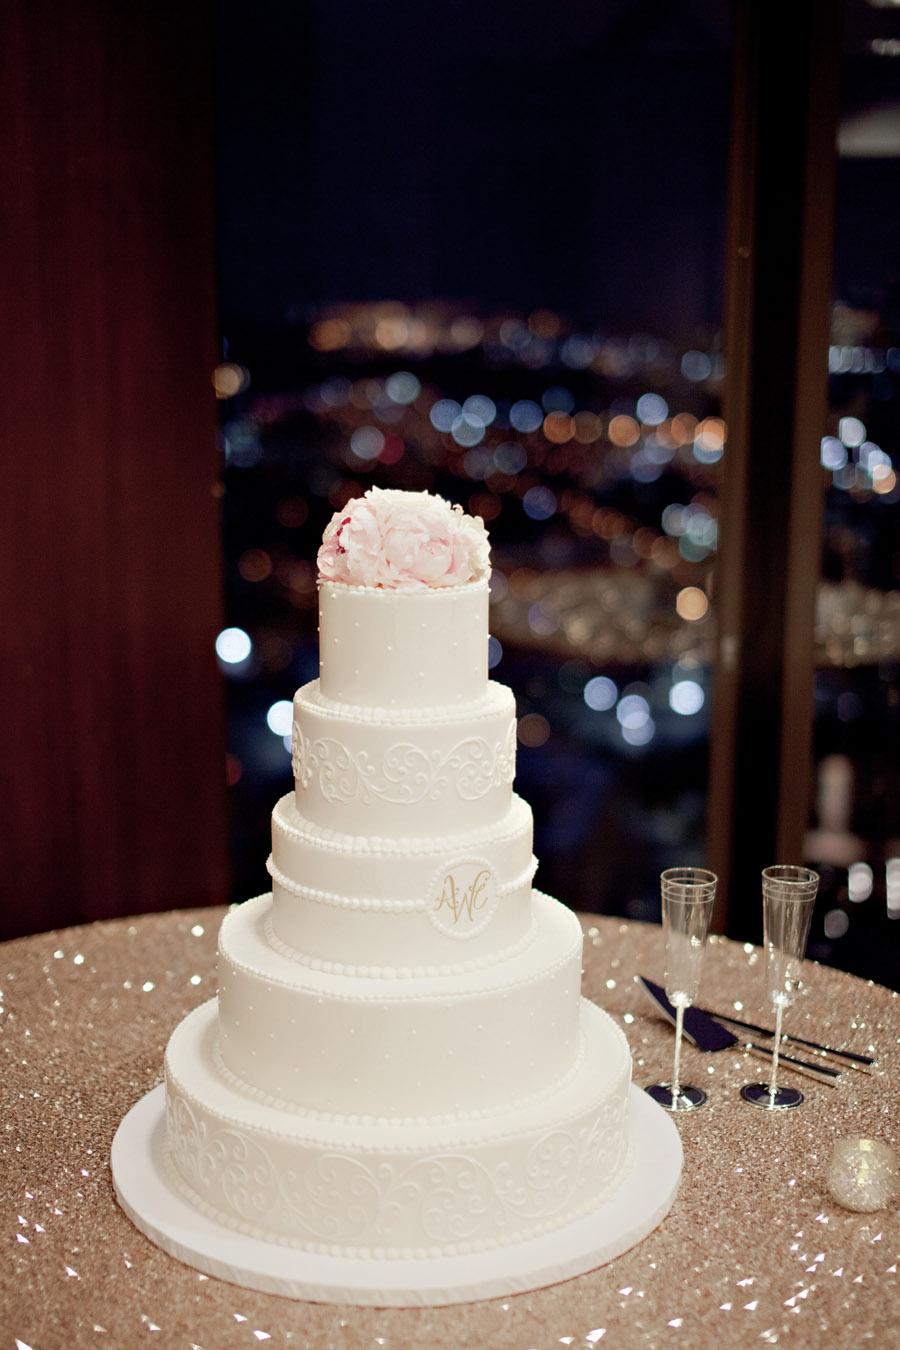 072-Thanksgiving-Tower-Club-Dallas-Wedding-by-Ivy-Weddings-swank-Soiree-Dallas-wedding- planner.jpg